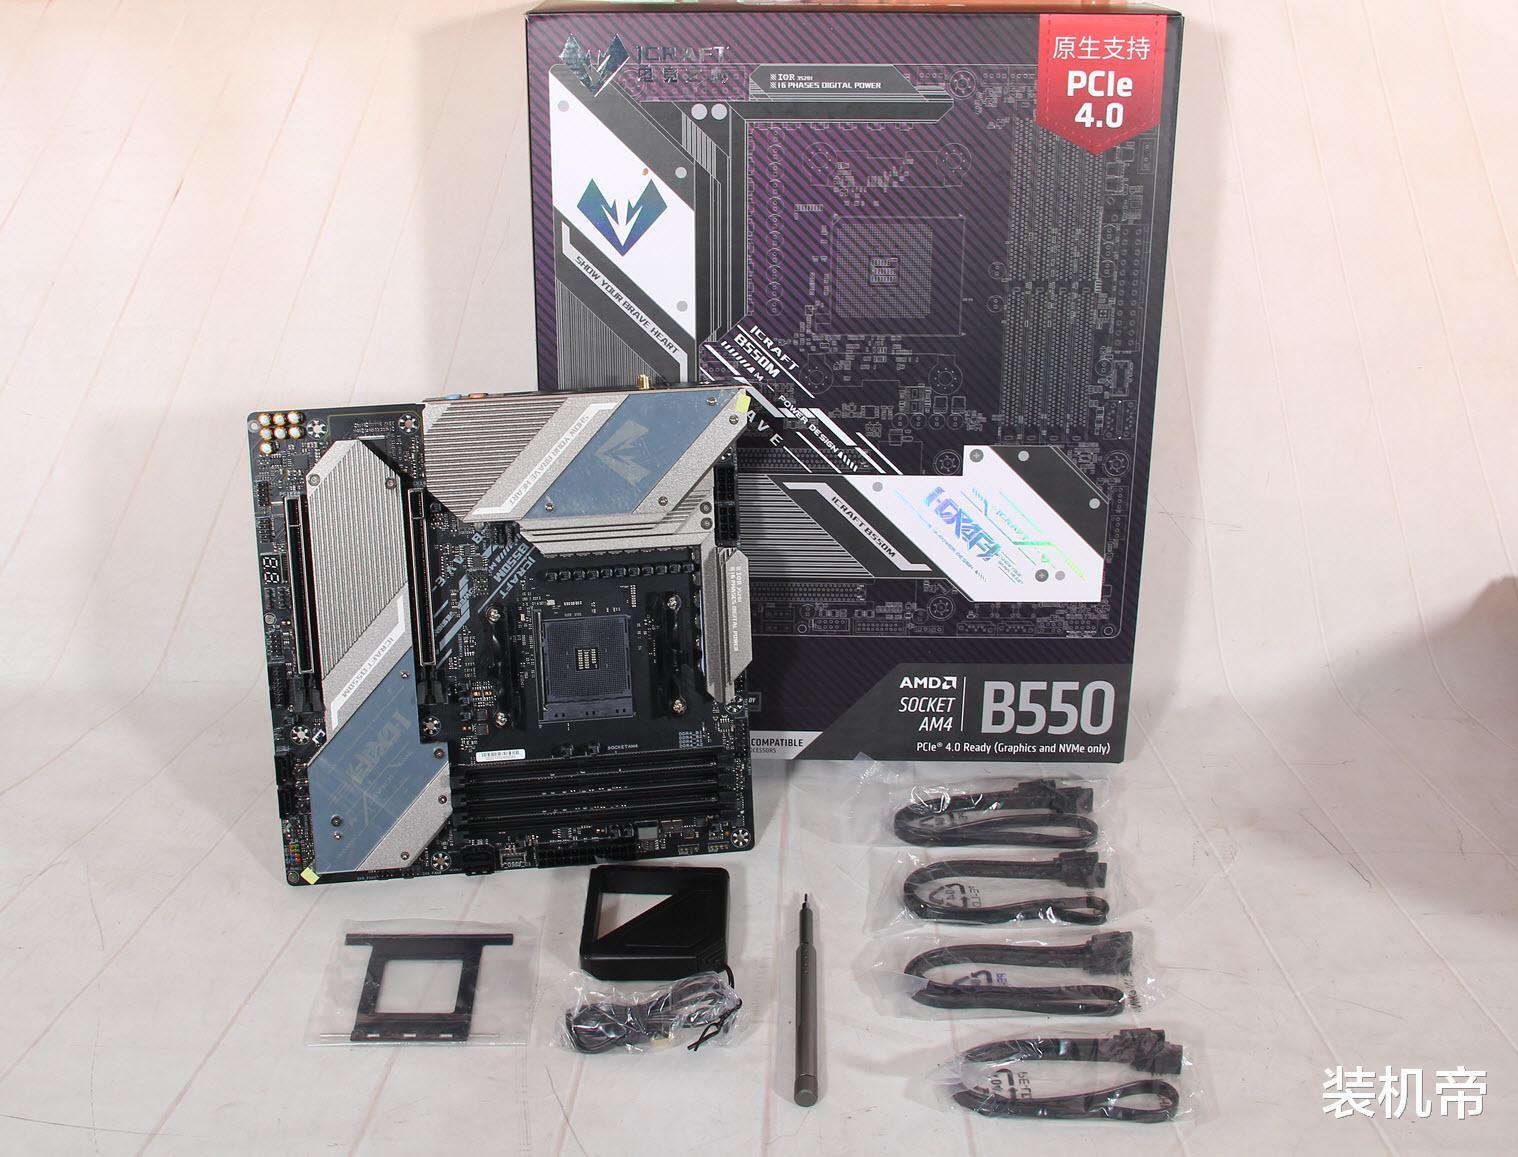 台电腾龙G40DDR43000MHz8G内存的售价还很 好物评测 第2张